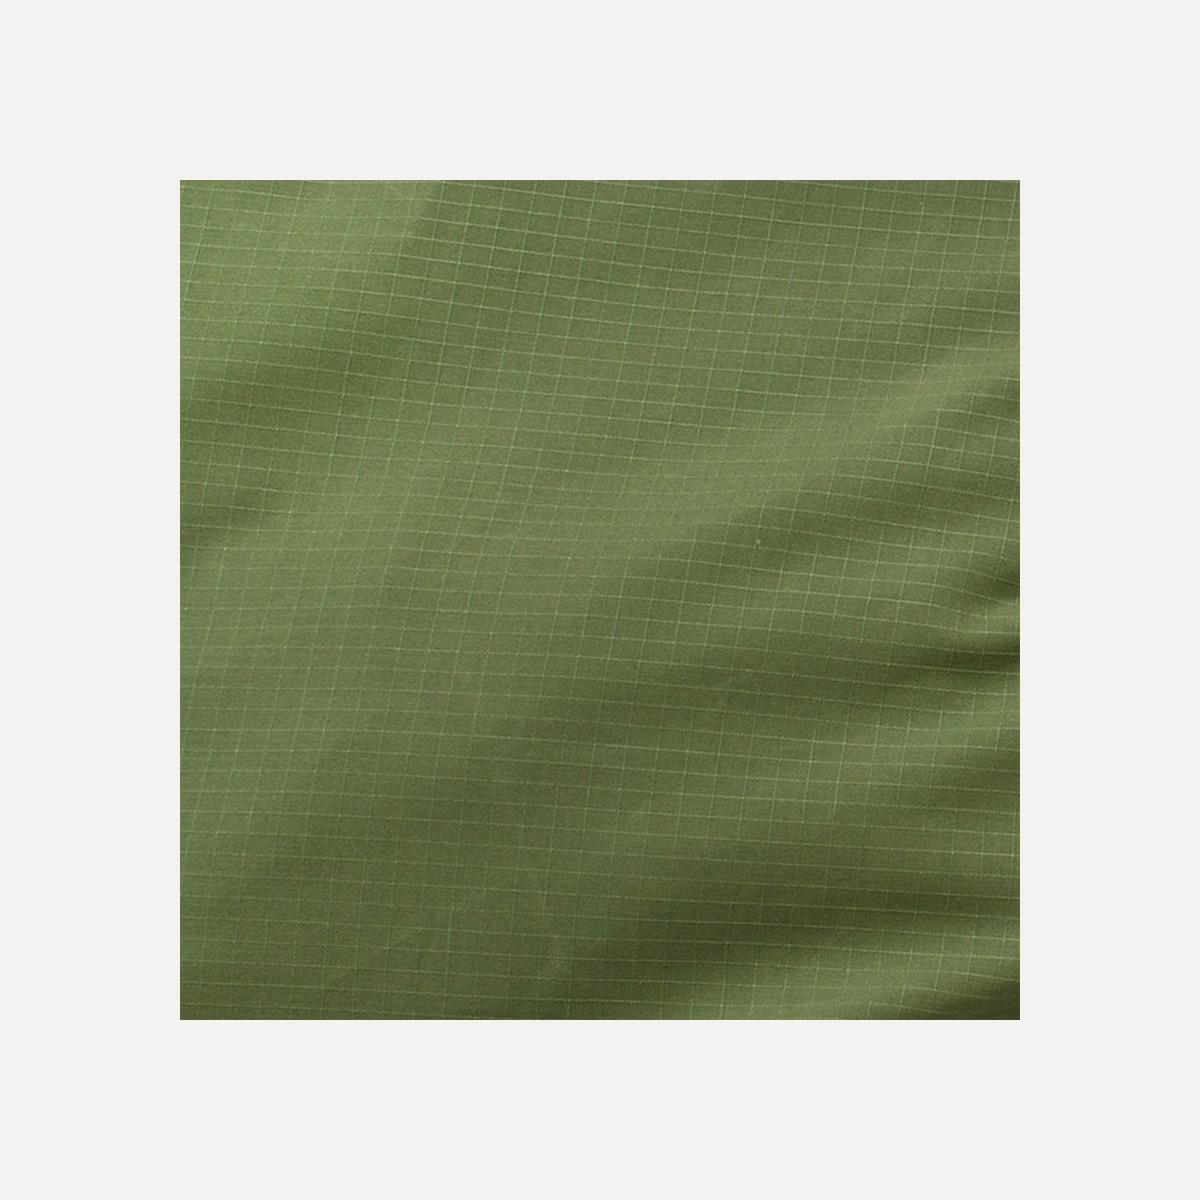 15L Barda Tote bag - Bancha Green (image n°6)